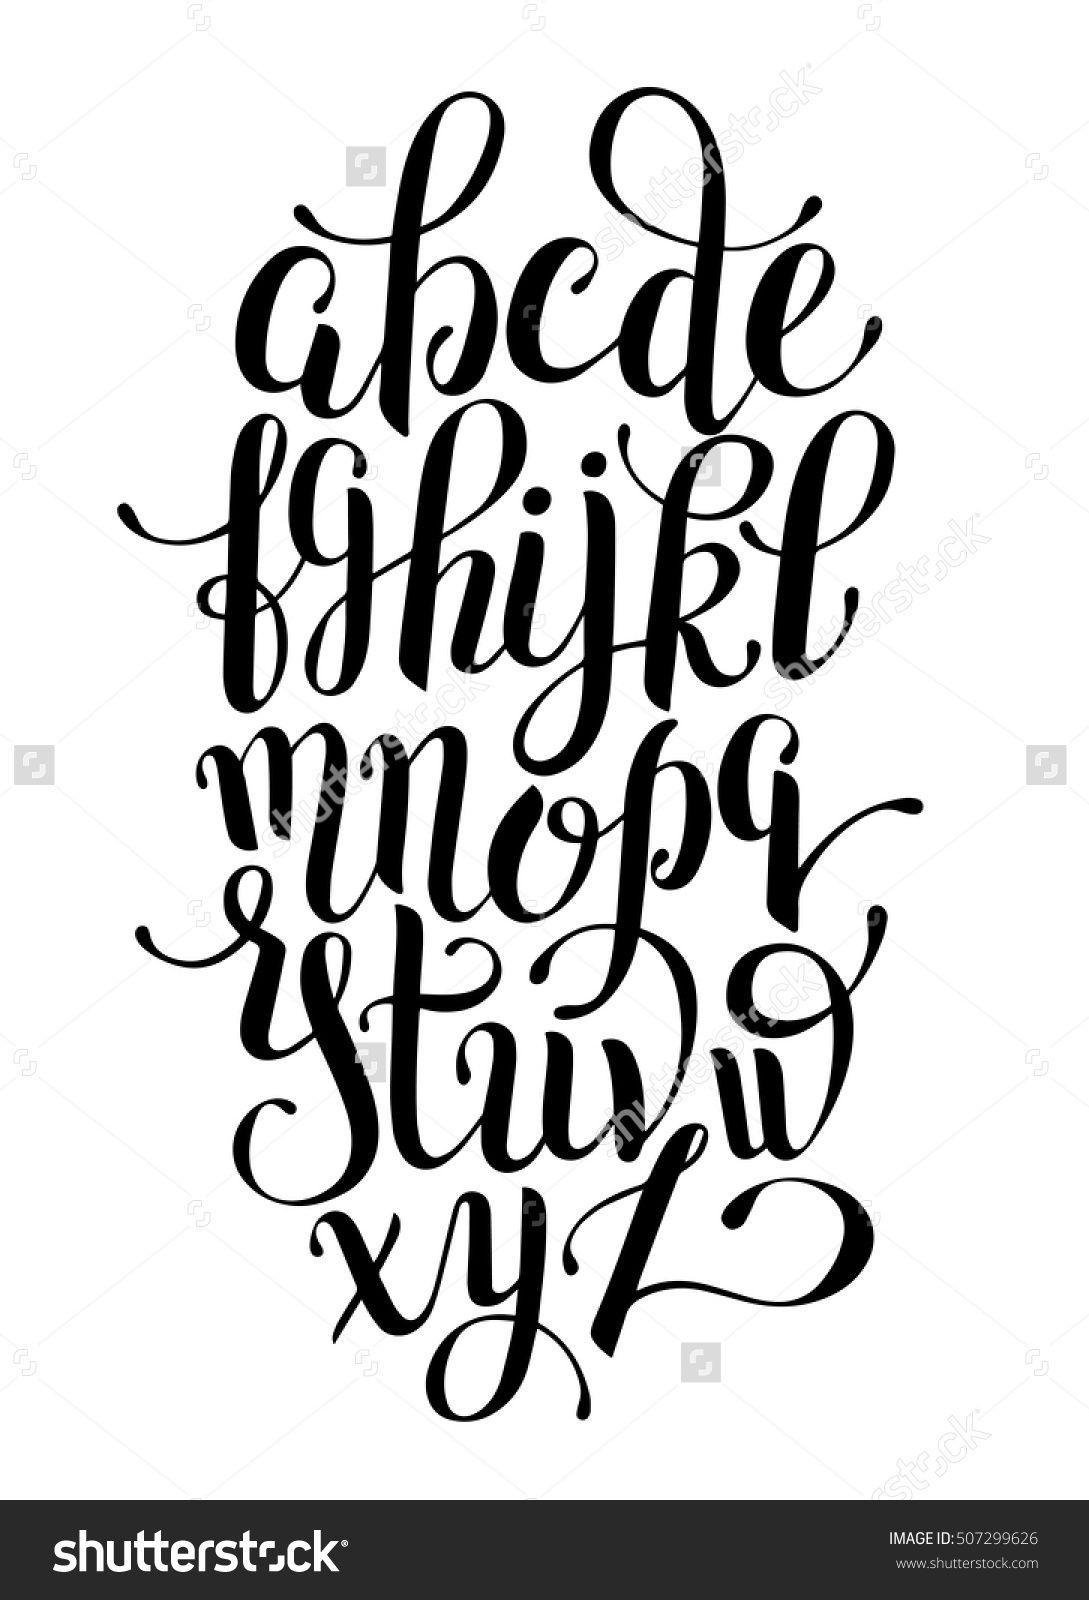 Black And White Hand Lettering Alphabet Design Handwritten Brush Script Modern Calligraphy